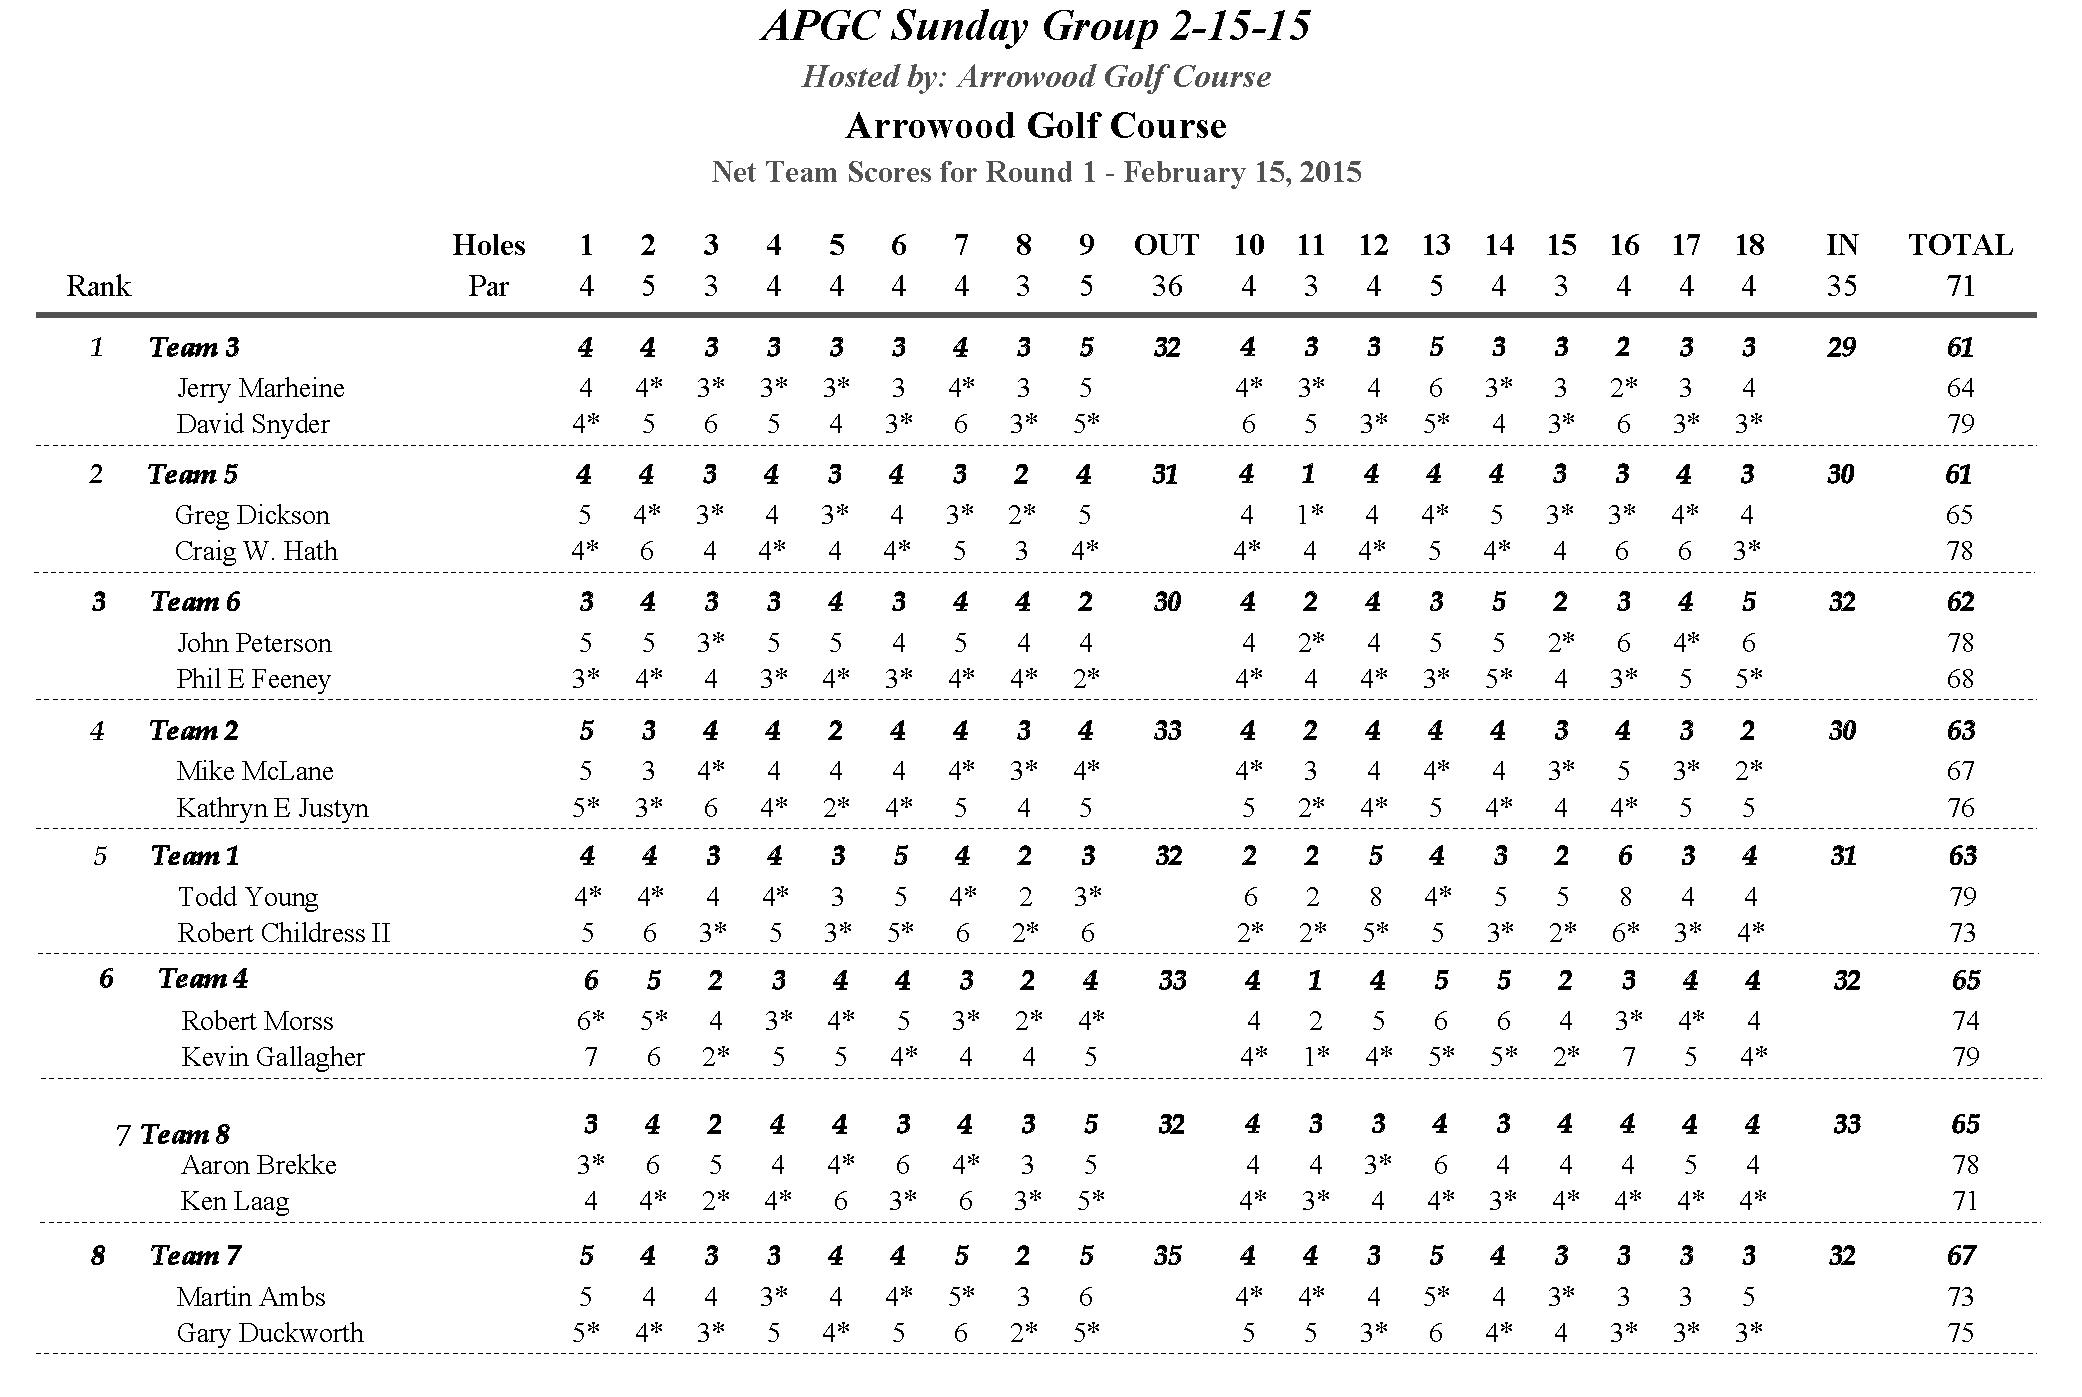 APGC 2-15-15